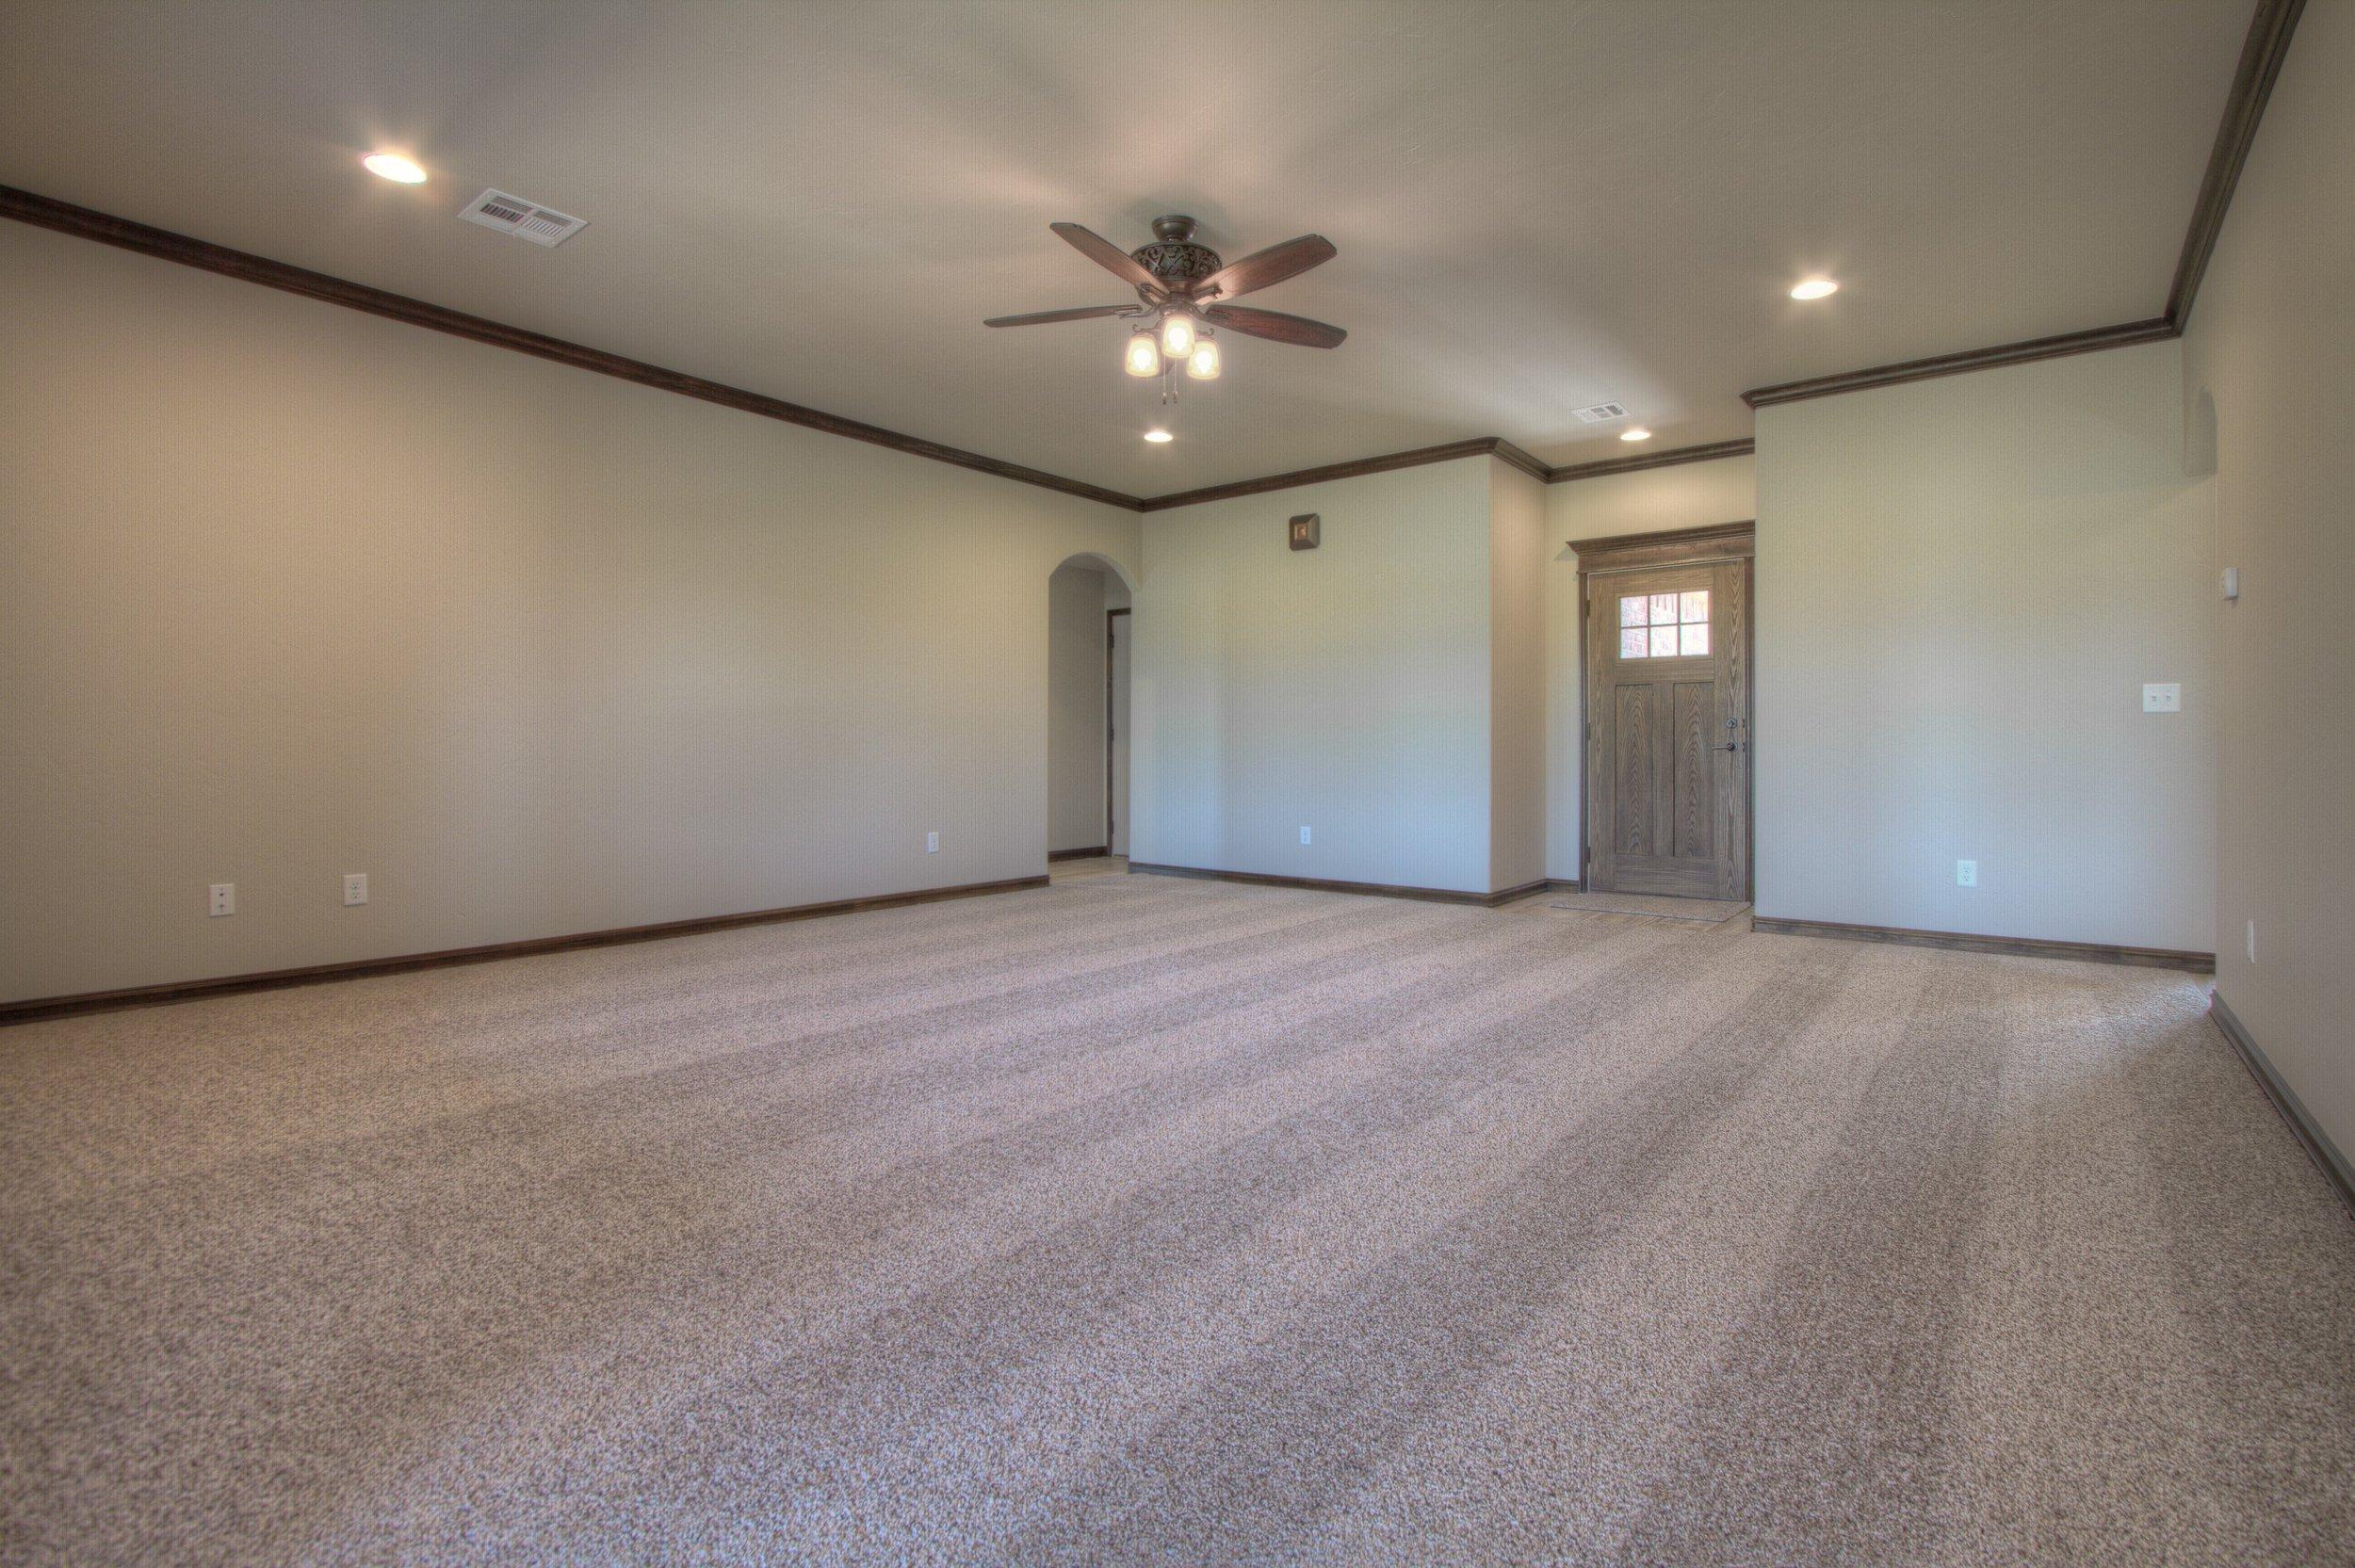 008_Living Room 4.jpg